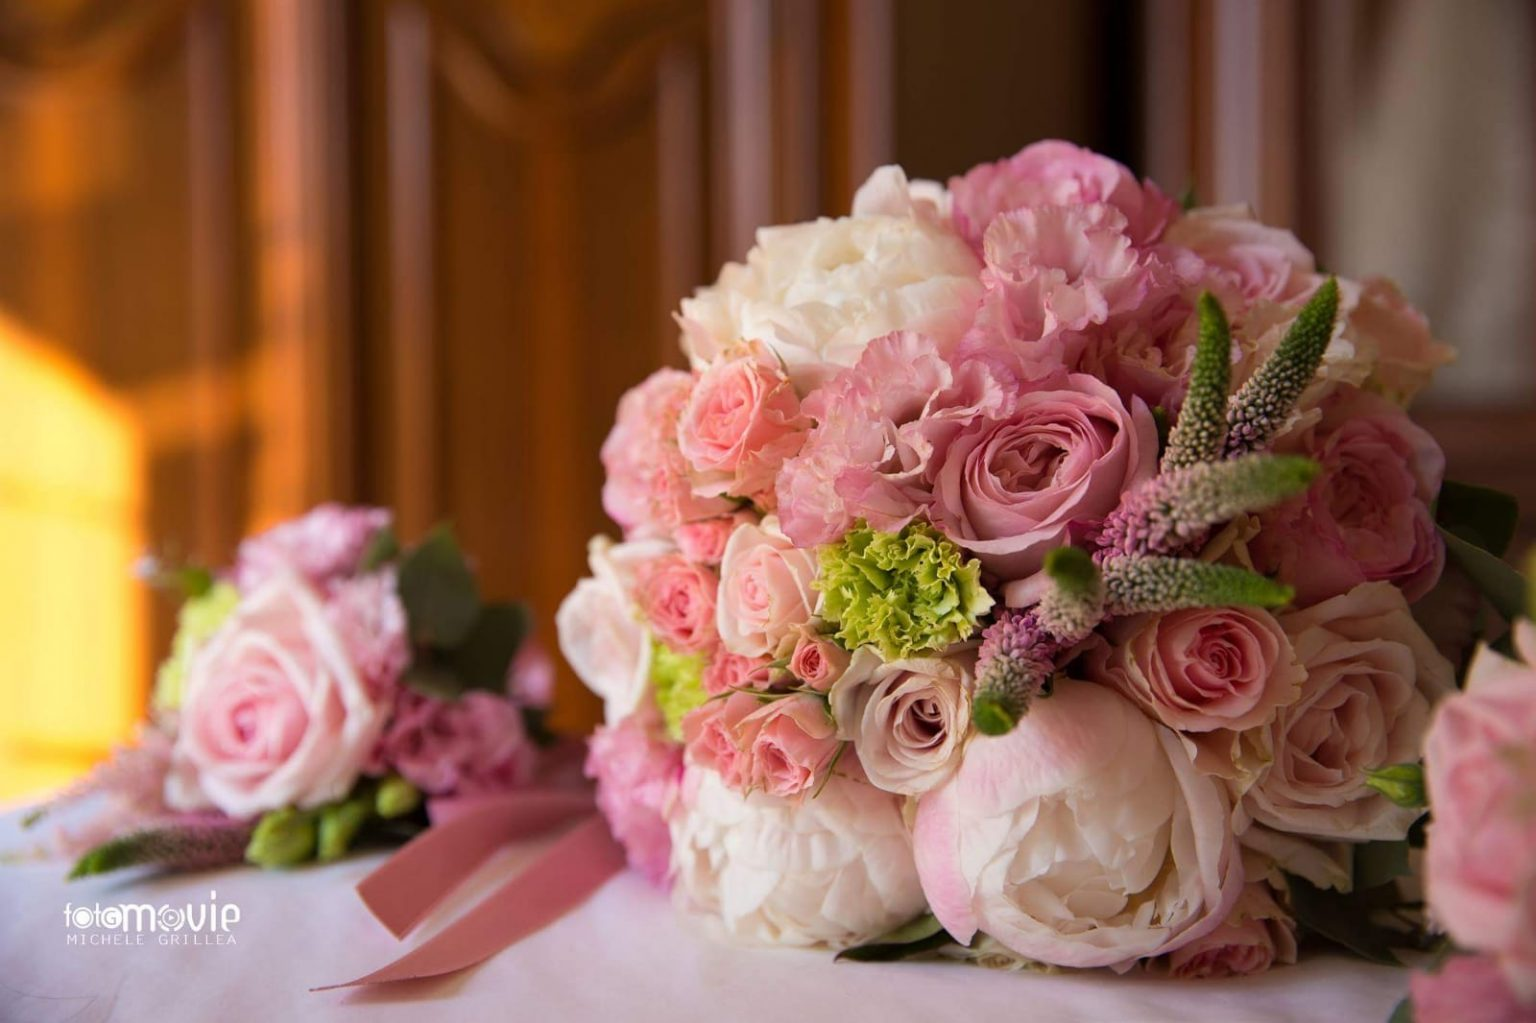 tulle fiori e decori di giusy gerace